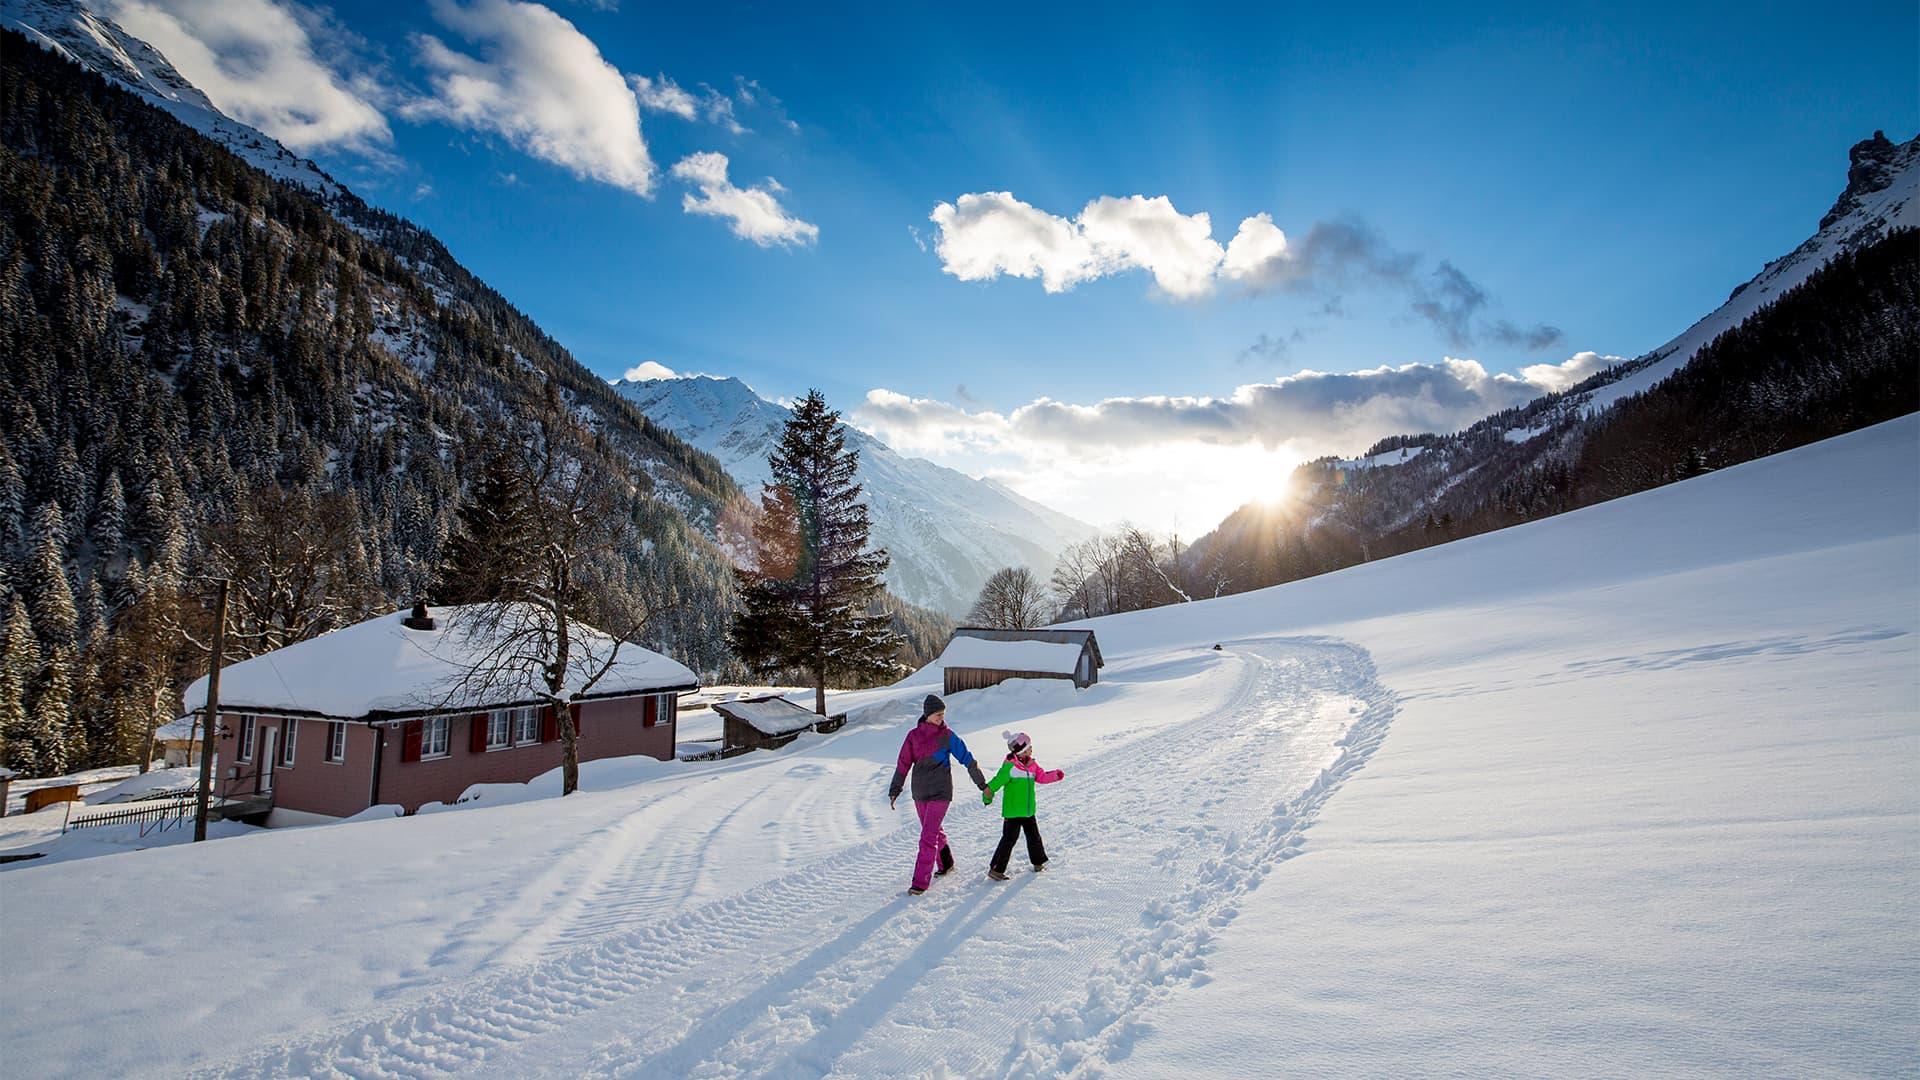 Gemeinde Innertkirchen im Winter 2 by David Birri